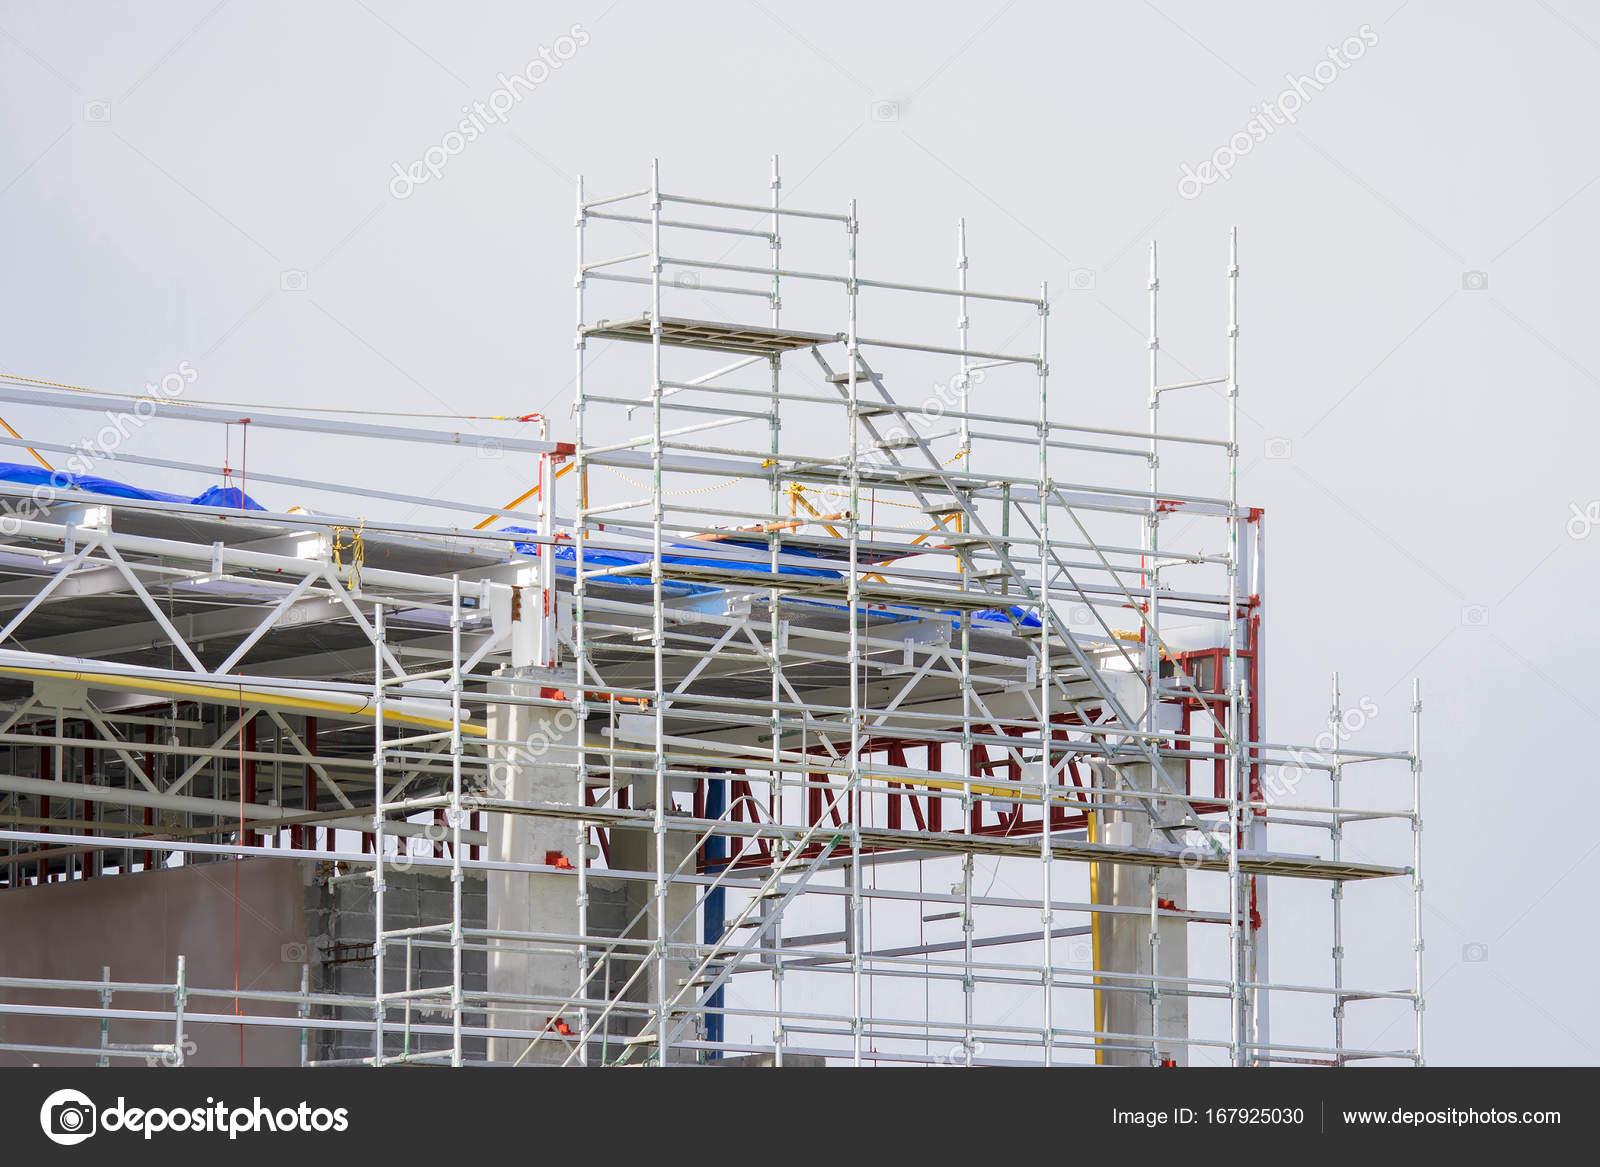 Stahlrahmen für Gebäude — Stockfoto © TakerWalker #167925030